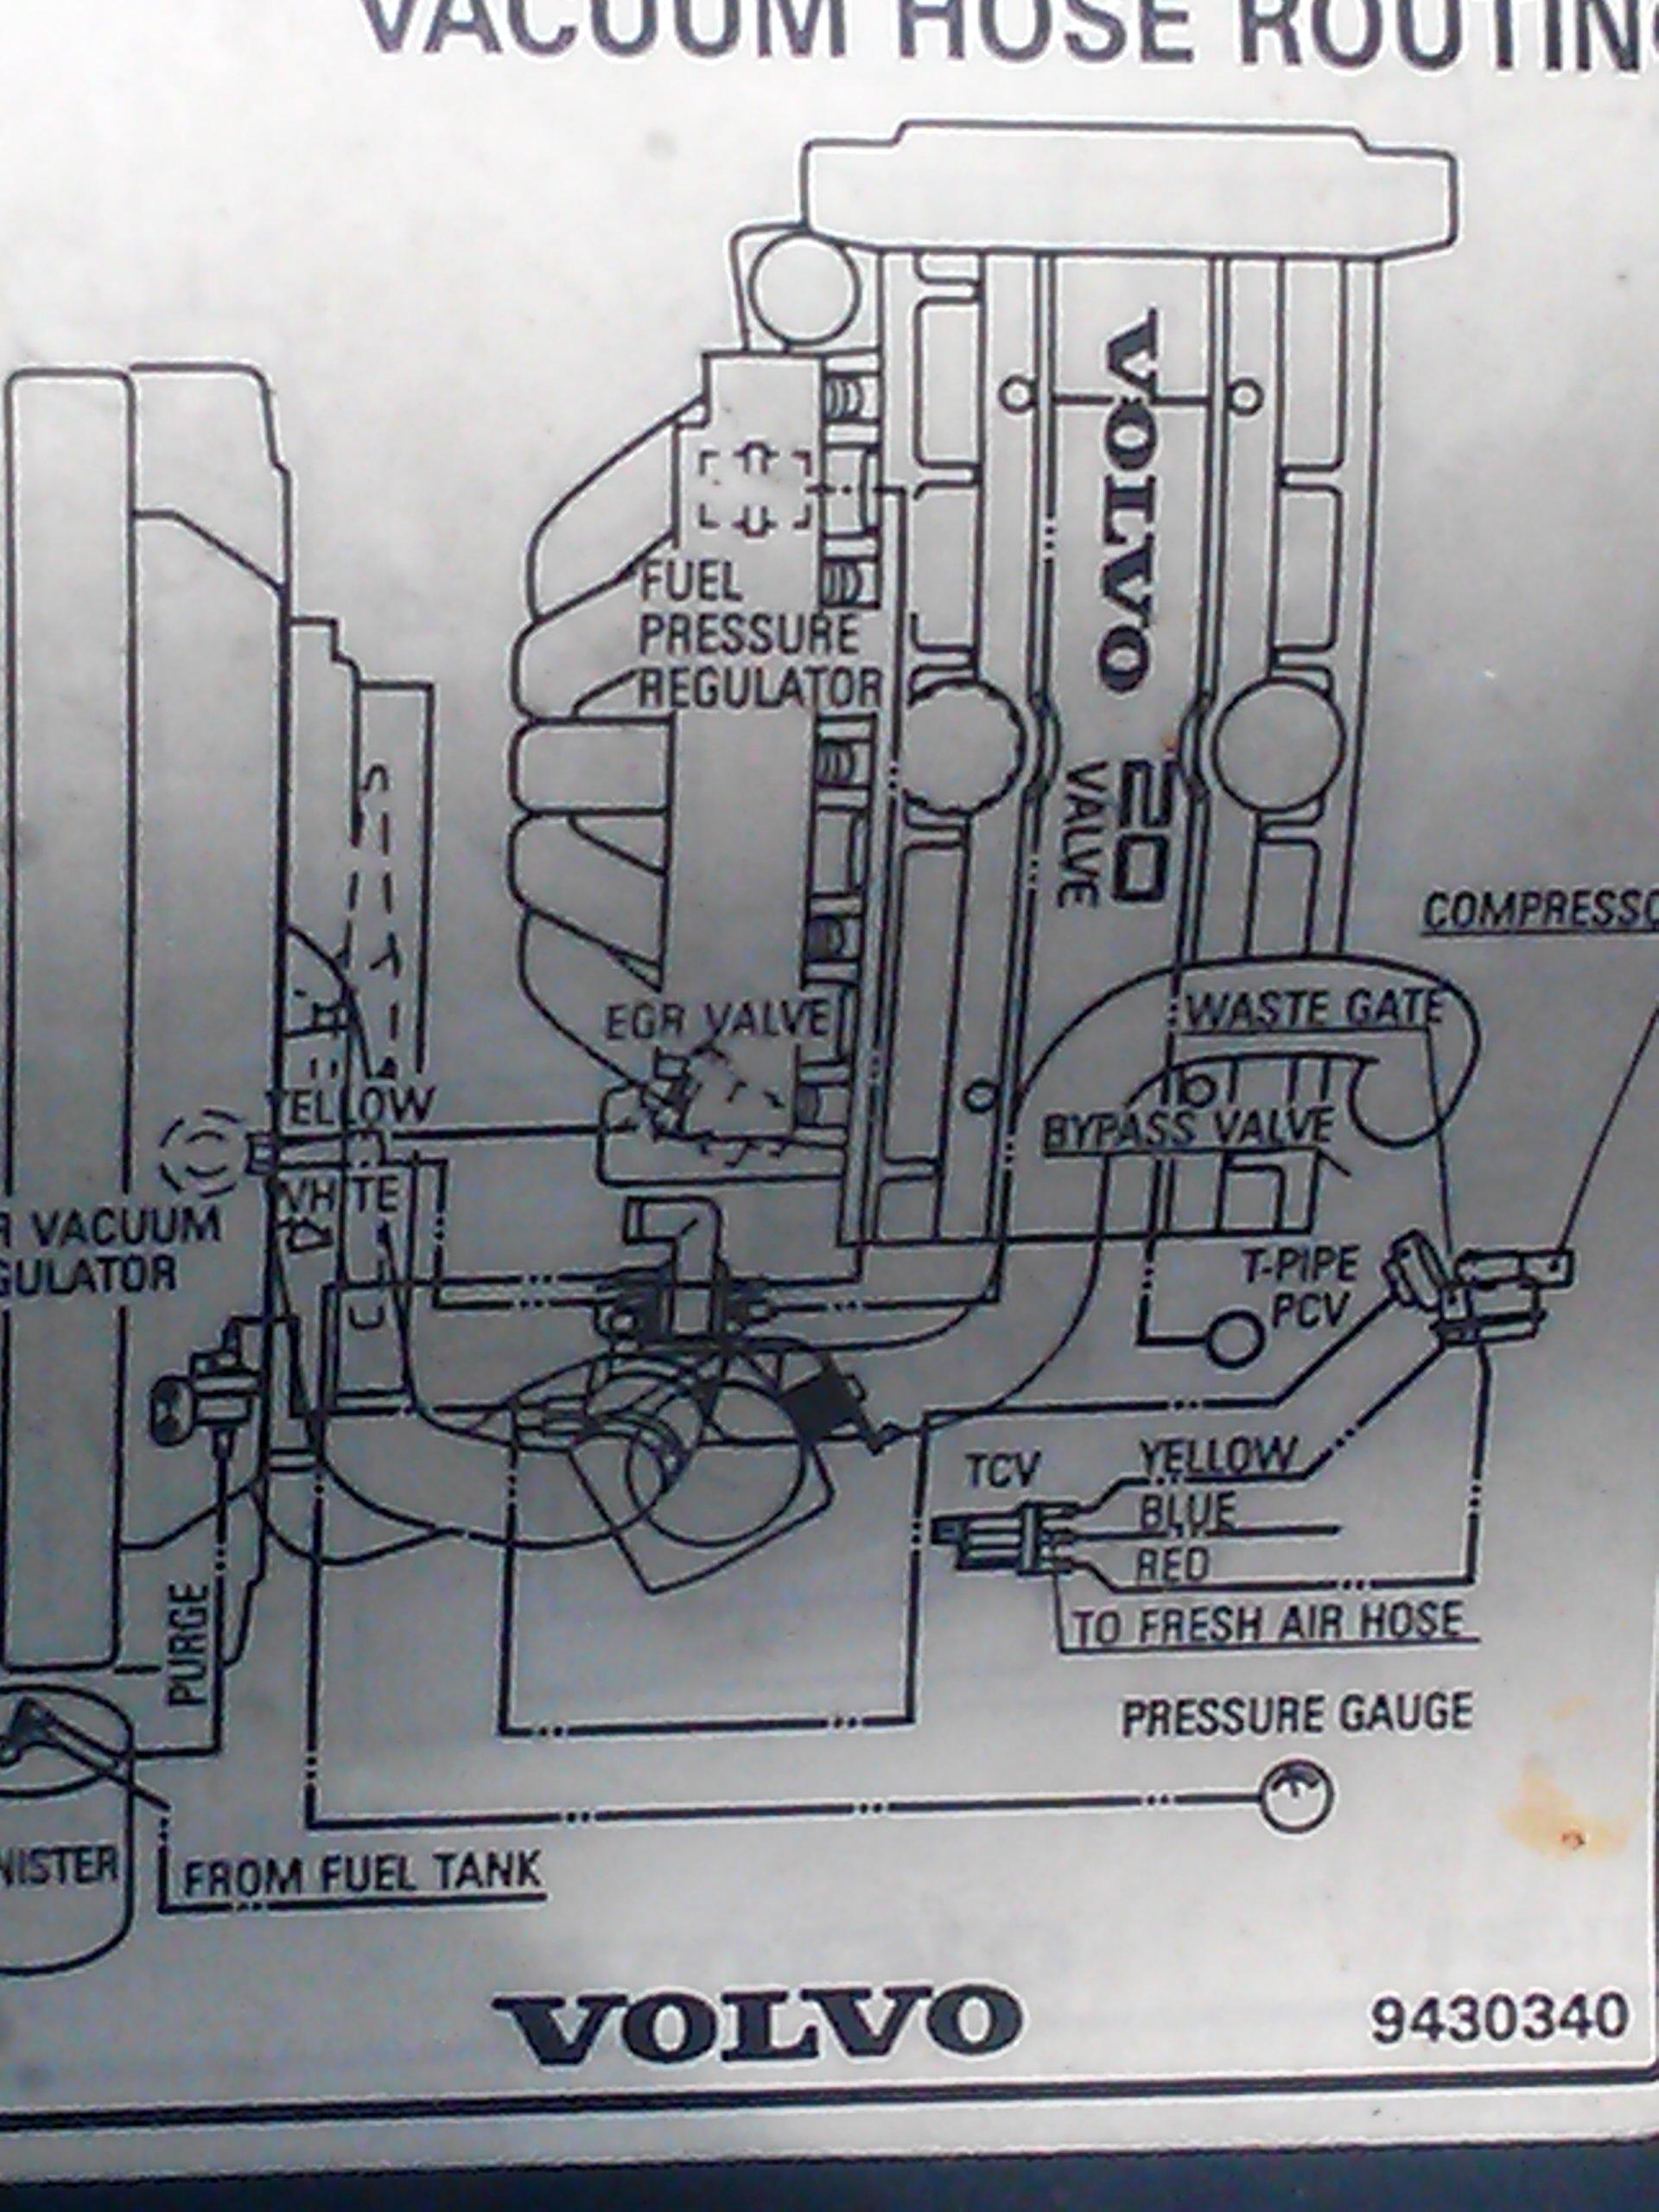 1994 850 Turbo Vacuum-Diagram Problem